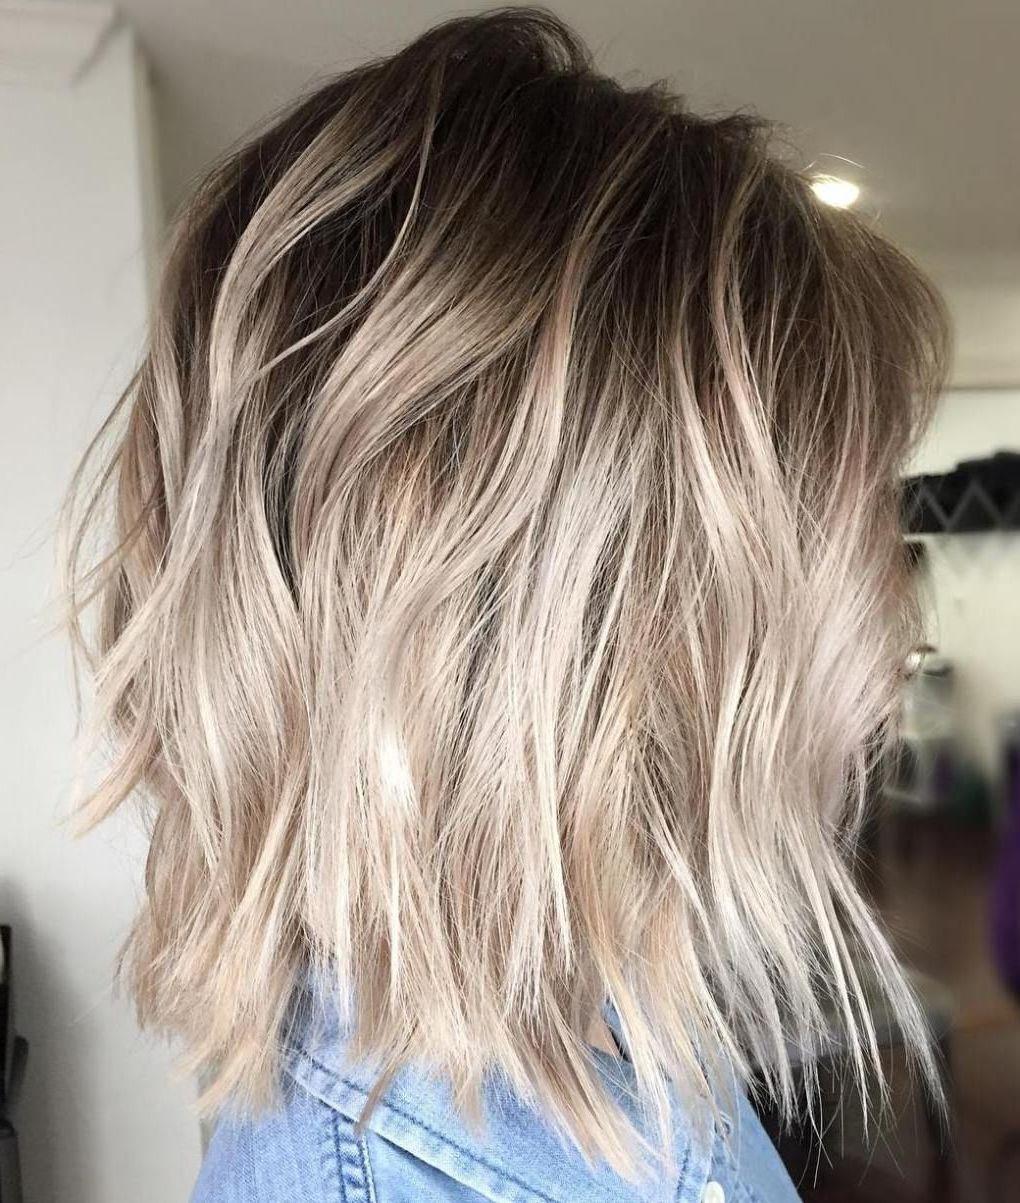 Welche Strähnen passen zu blonden Haaren -Aschblond liegt voll im Trend